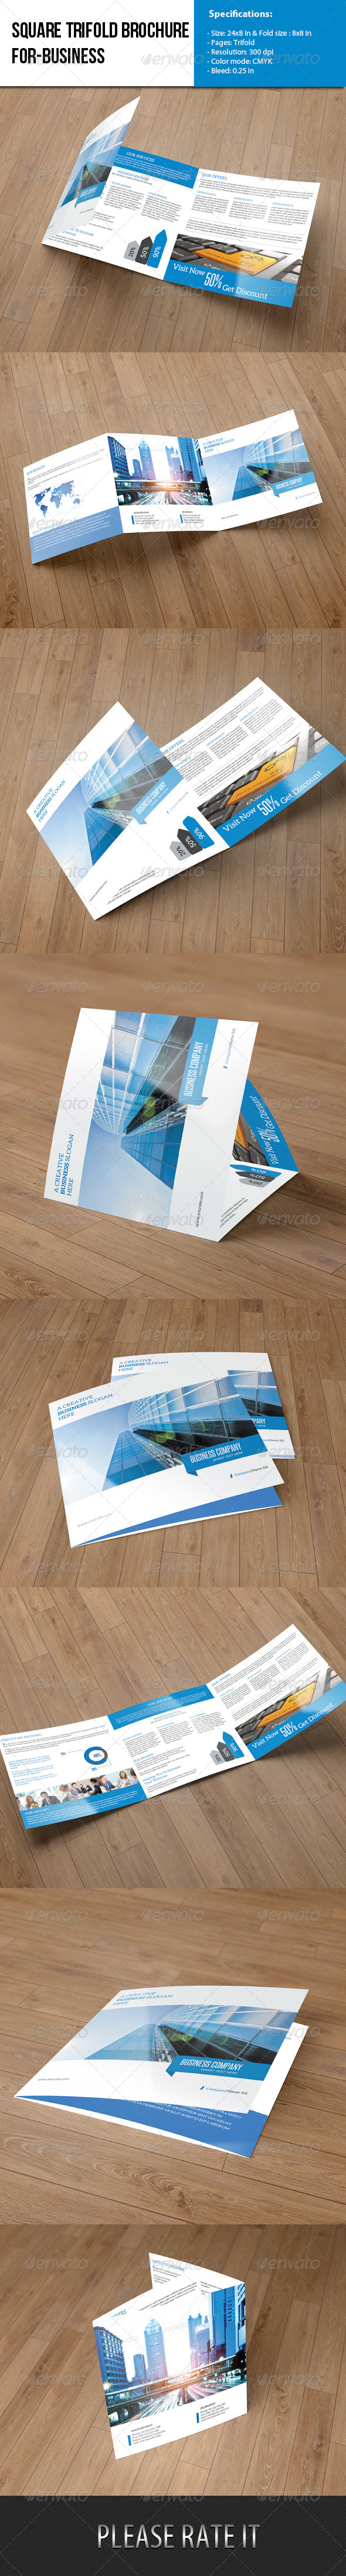 GraphicRiver Square Trifold- Business 6534838